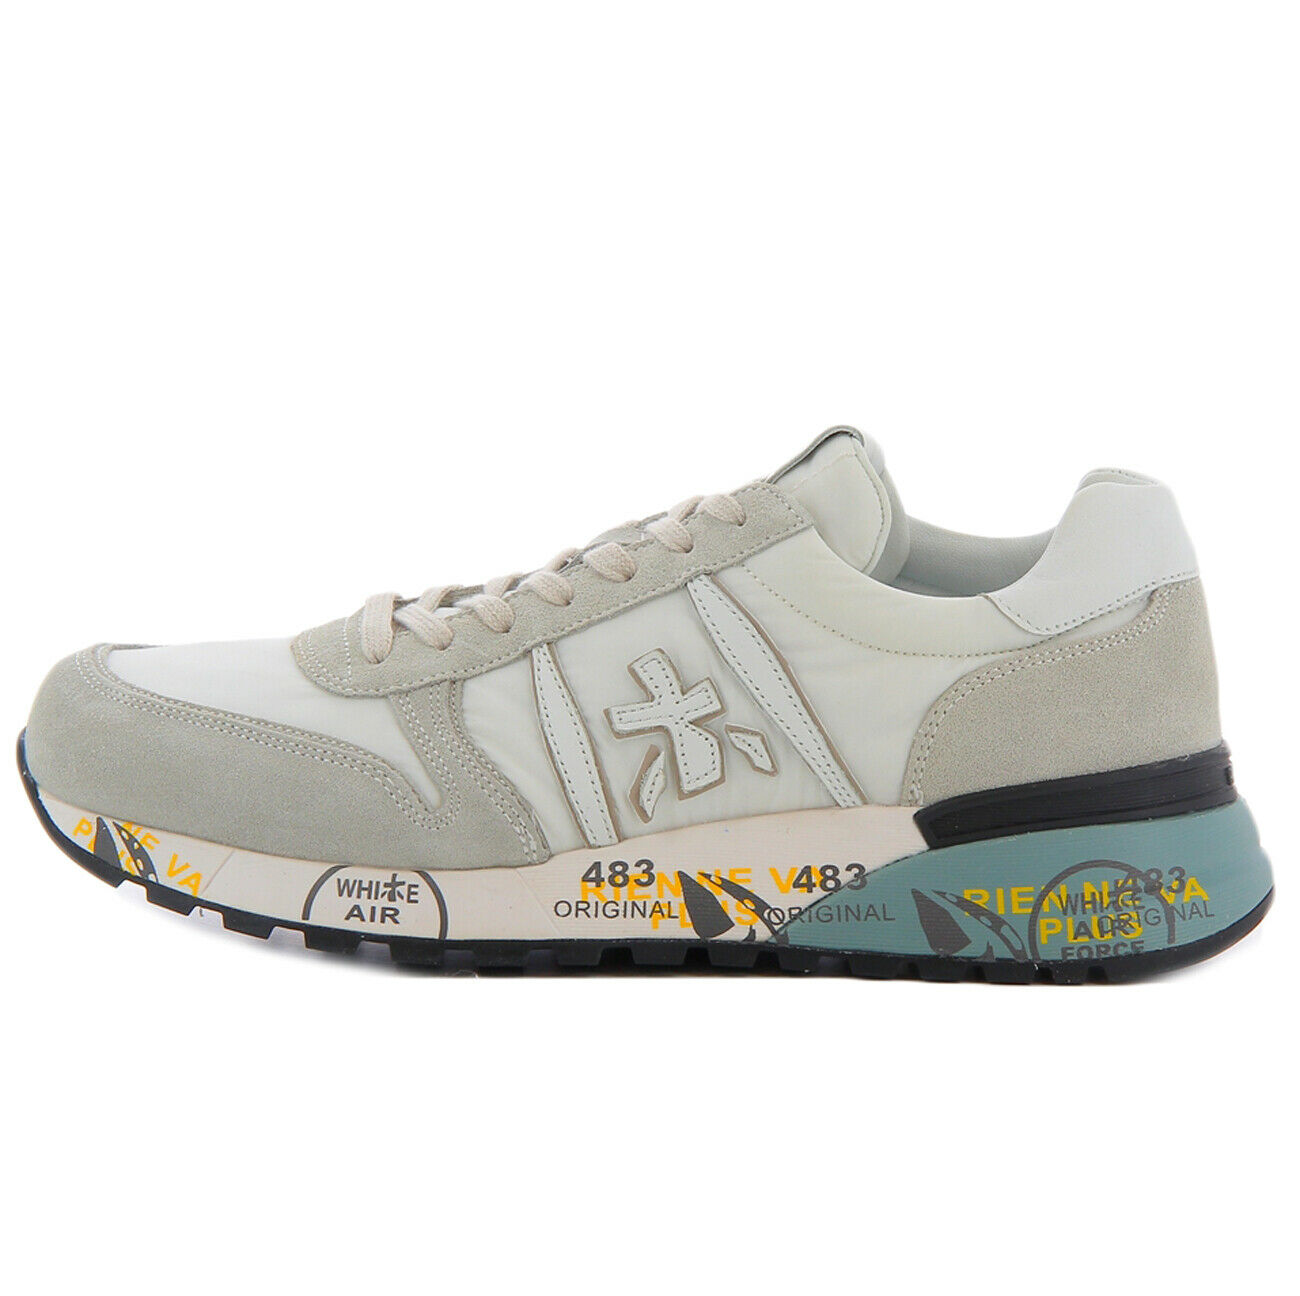 Premiata scarpe da ginnastica bianca LANDER 3827 con dettagli ghiaccio per uomo Premiata LAND